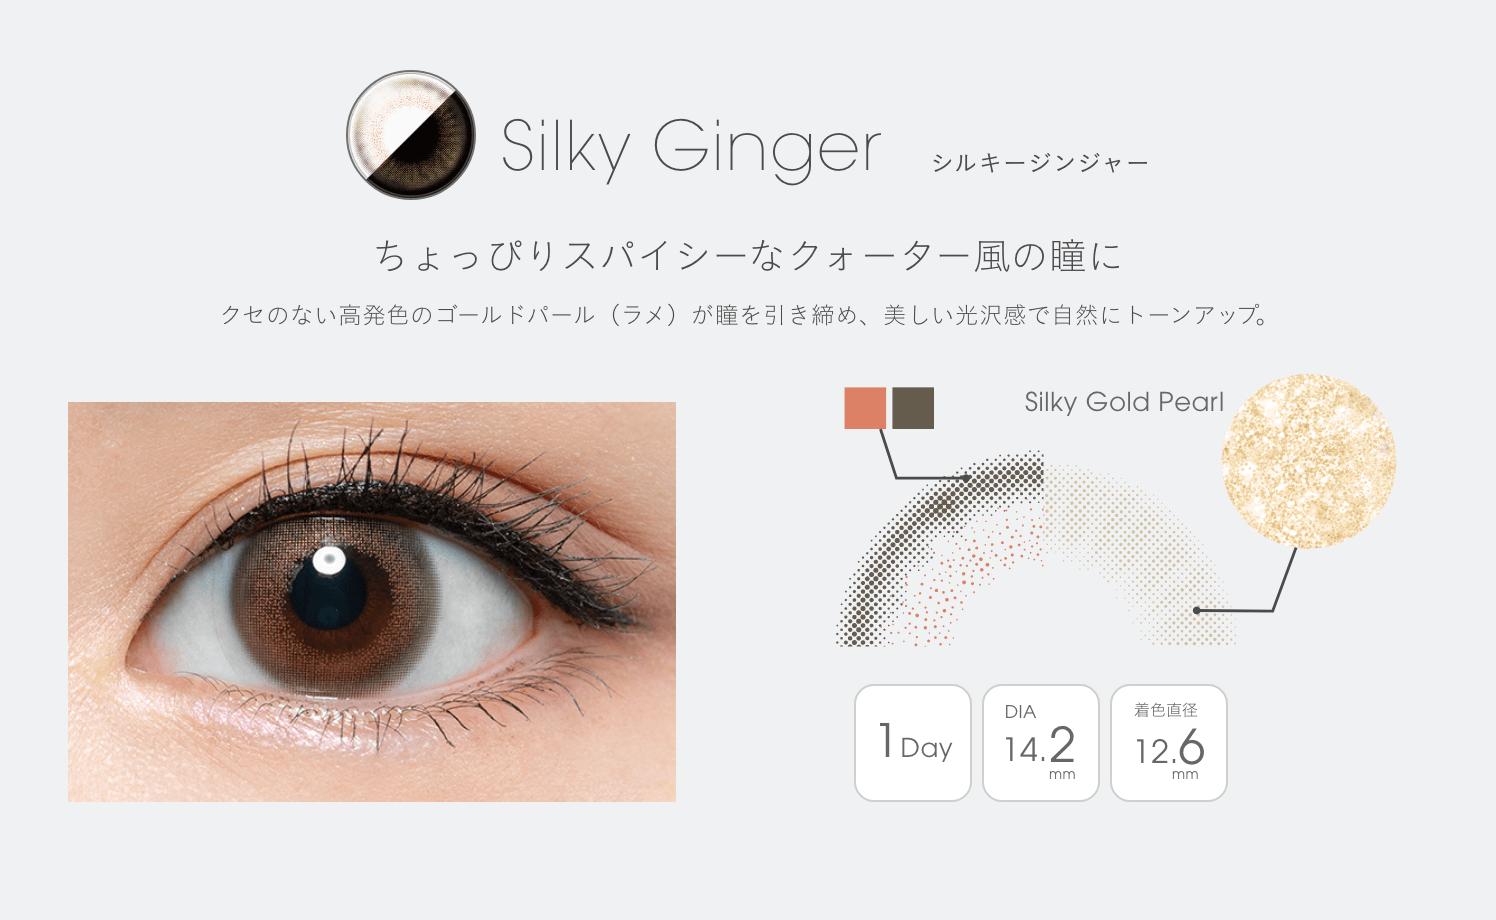 Silky Ginger